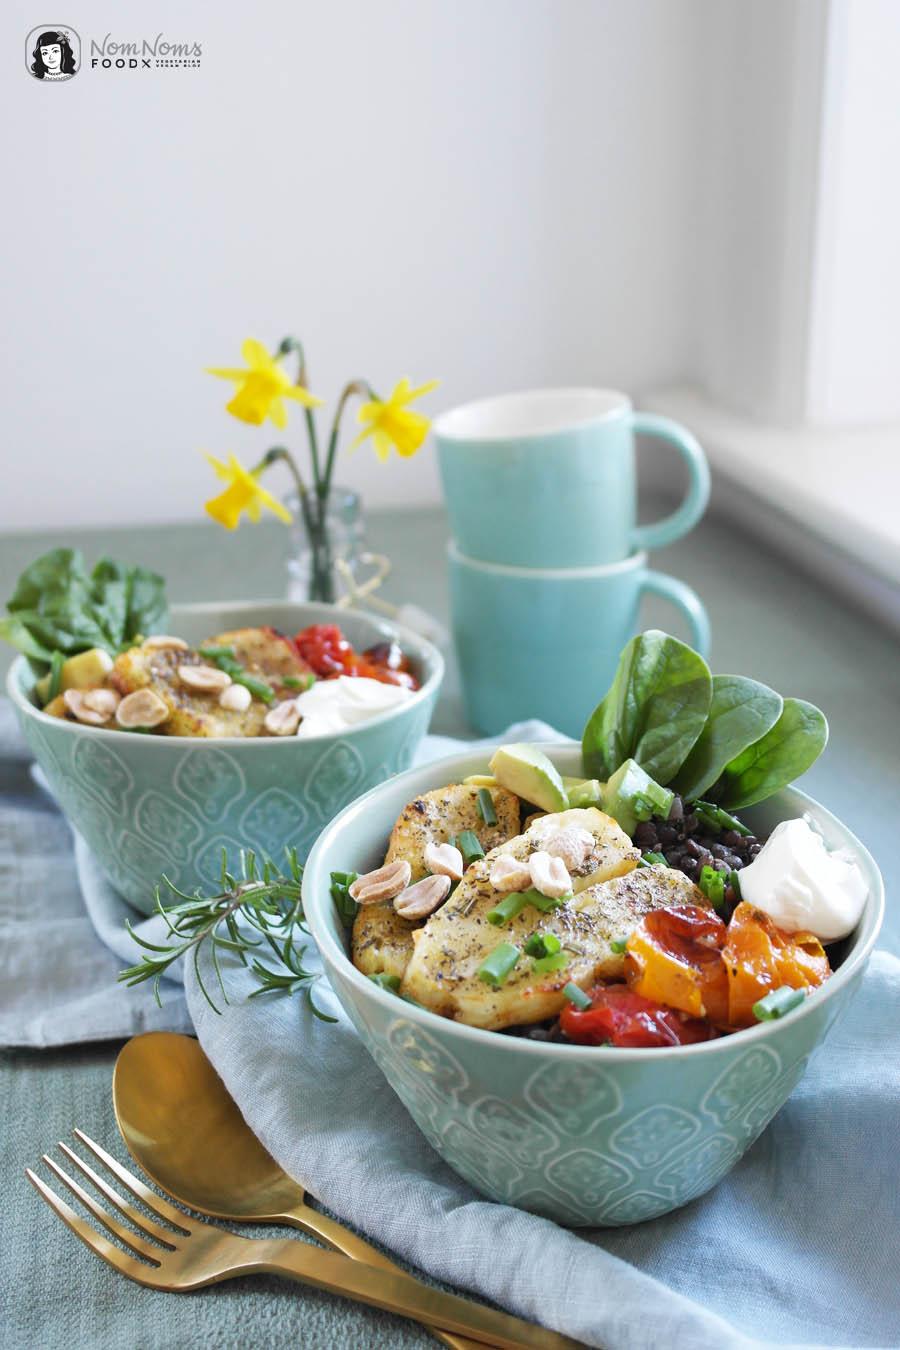 Balsamico-Linsen-Spinat-Bowl mit Ofen-Tomaten, Erdnüssen und gebackenem Halloumi nach Aglio e Olio Art